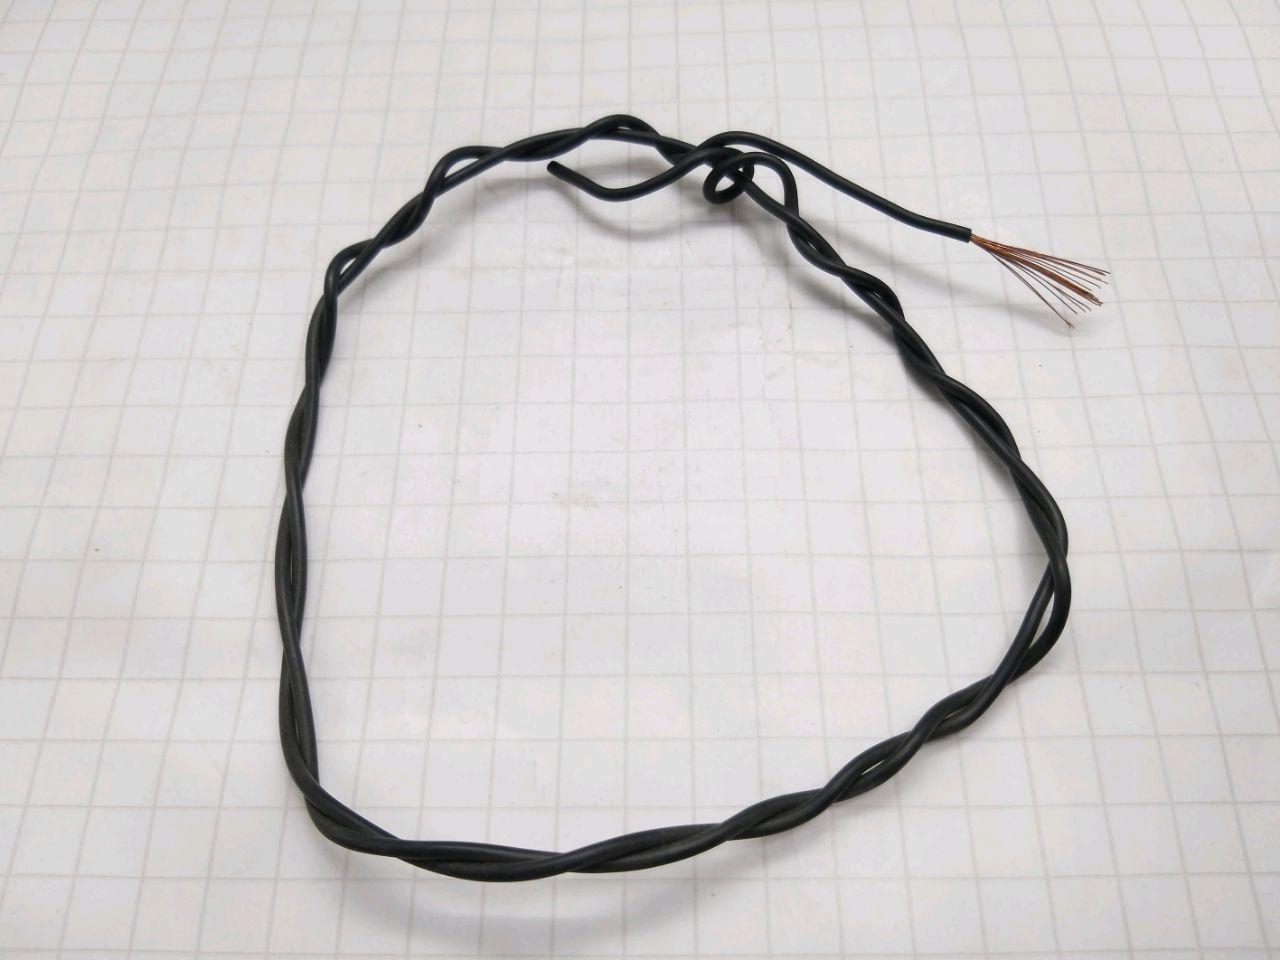 Cablu electric PV-3 1,0 (negru)